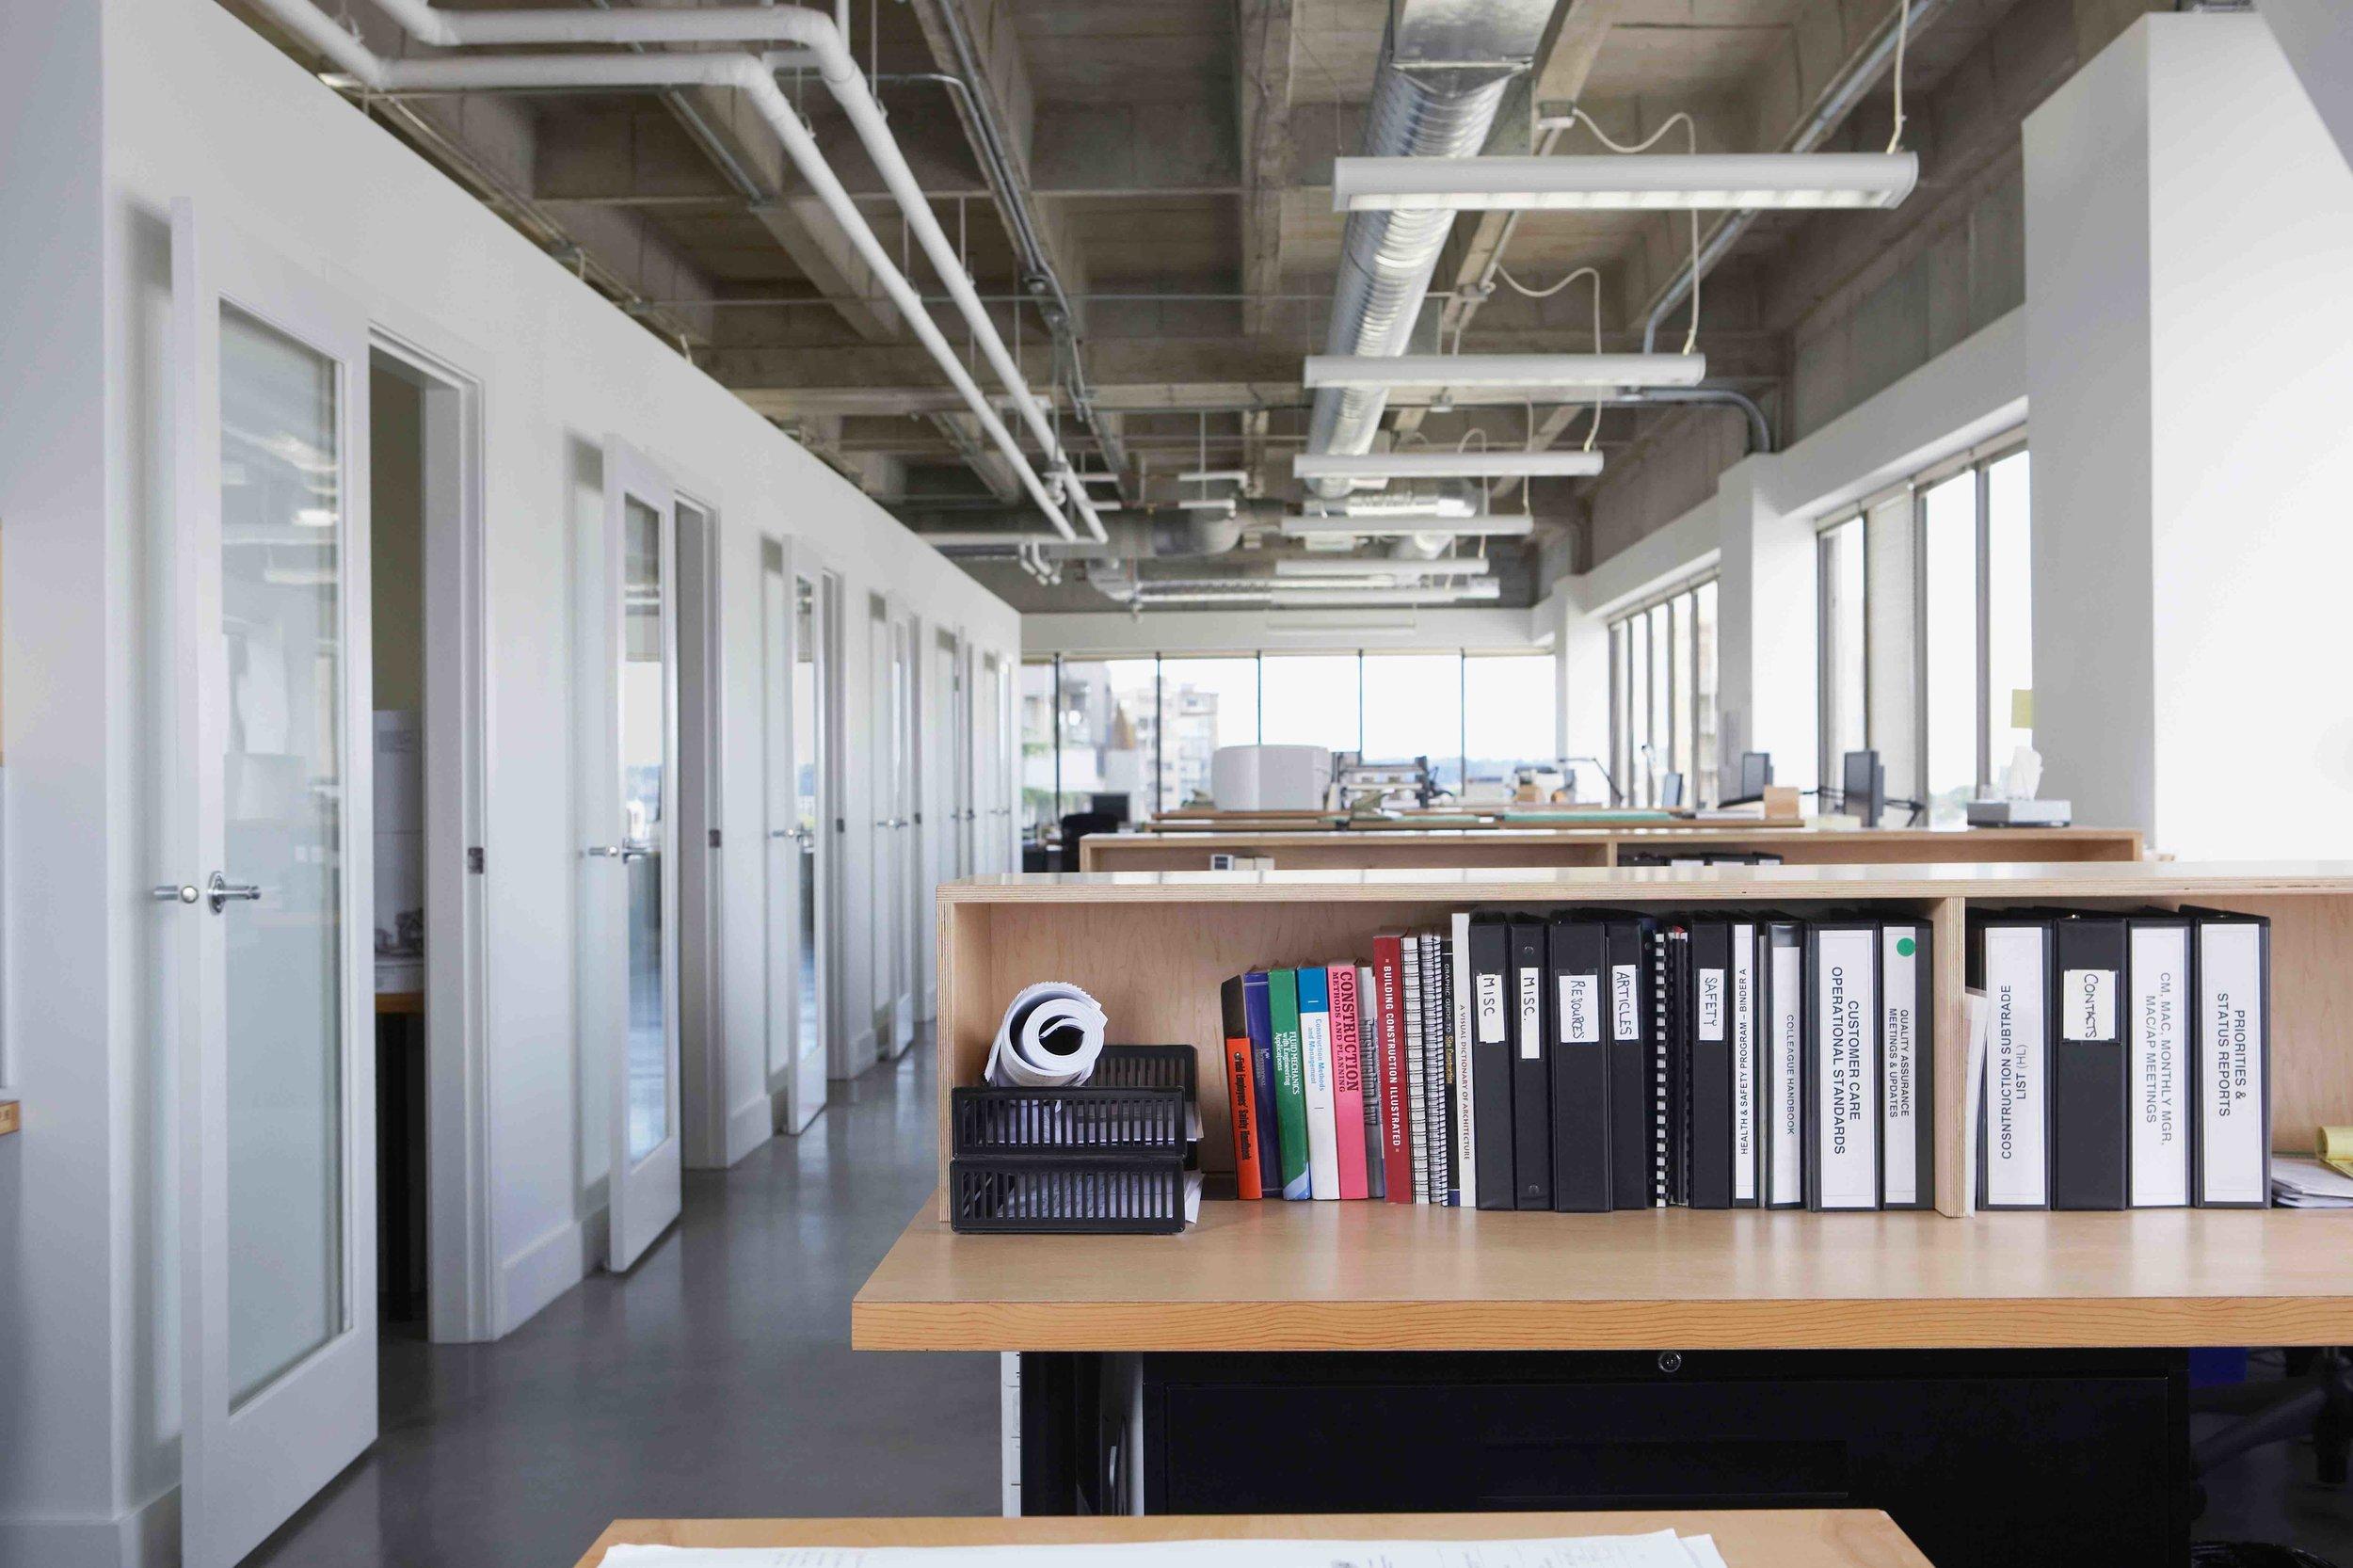 Canva - Folders on desk in empty office.jpg